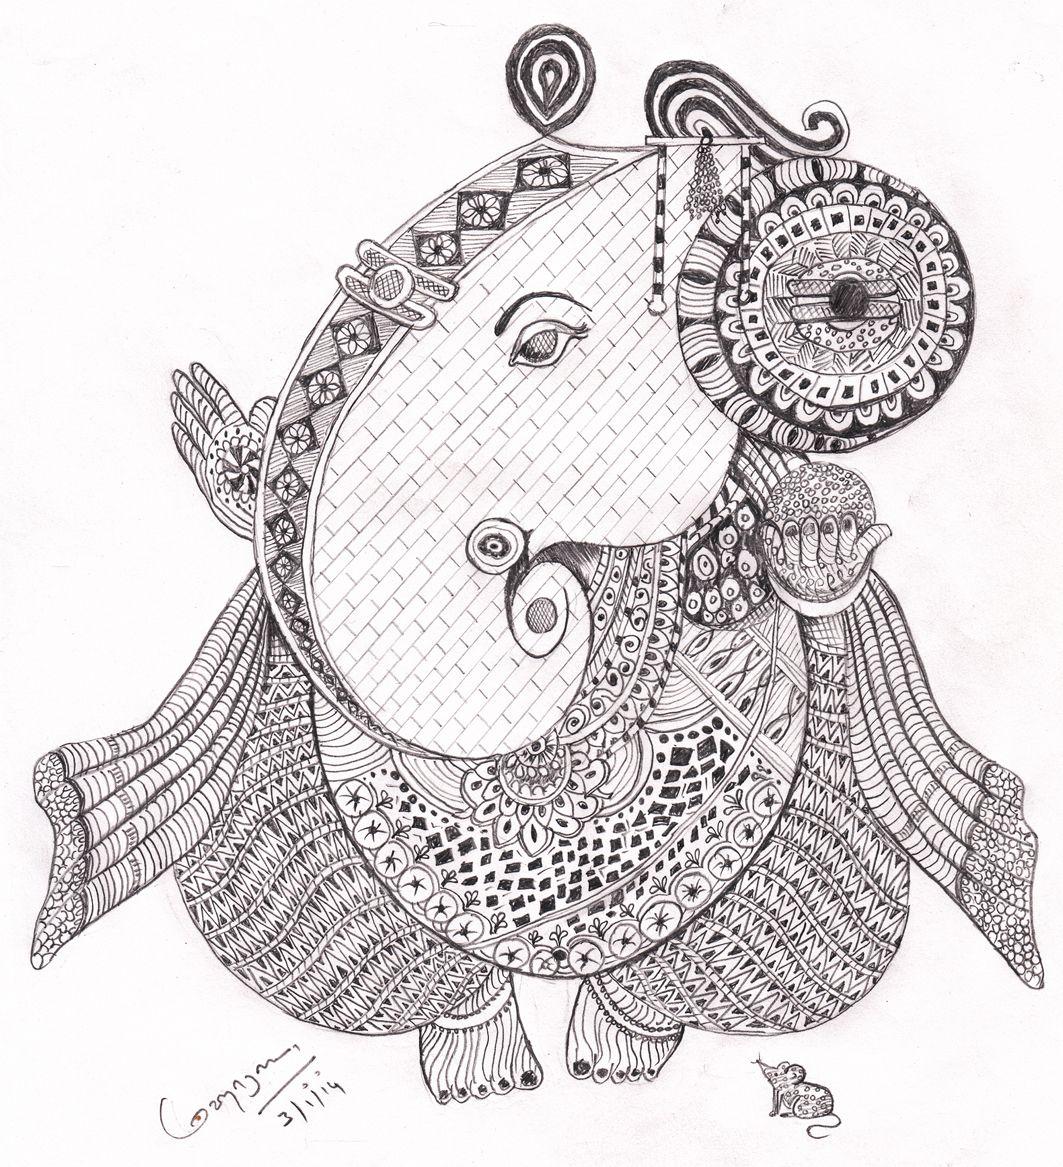 Black pen sketch